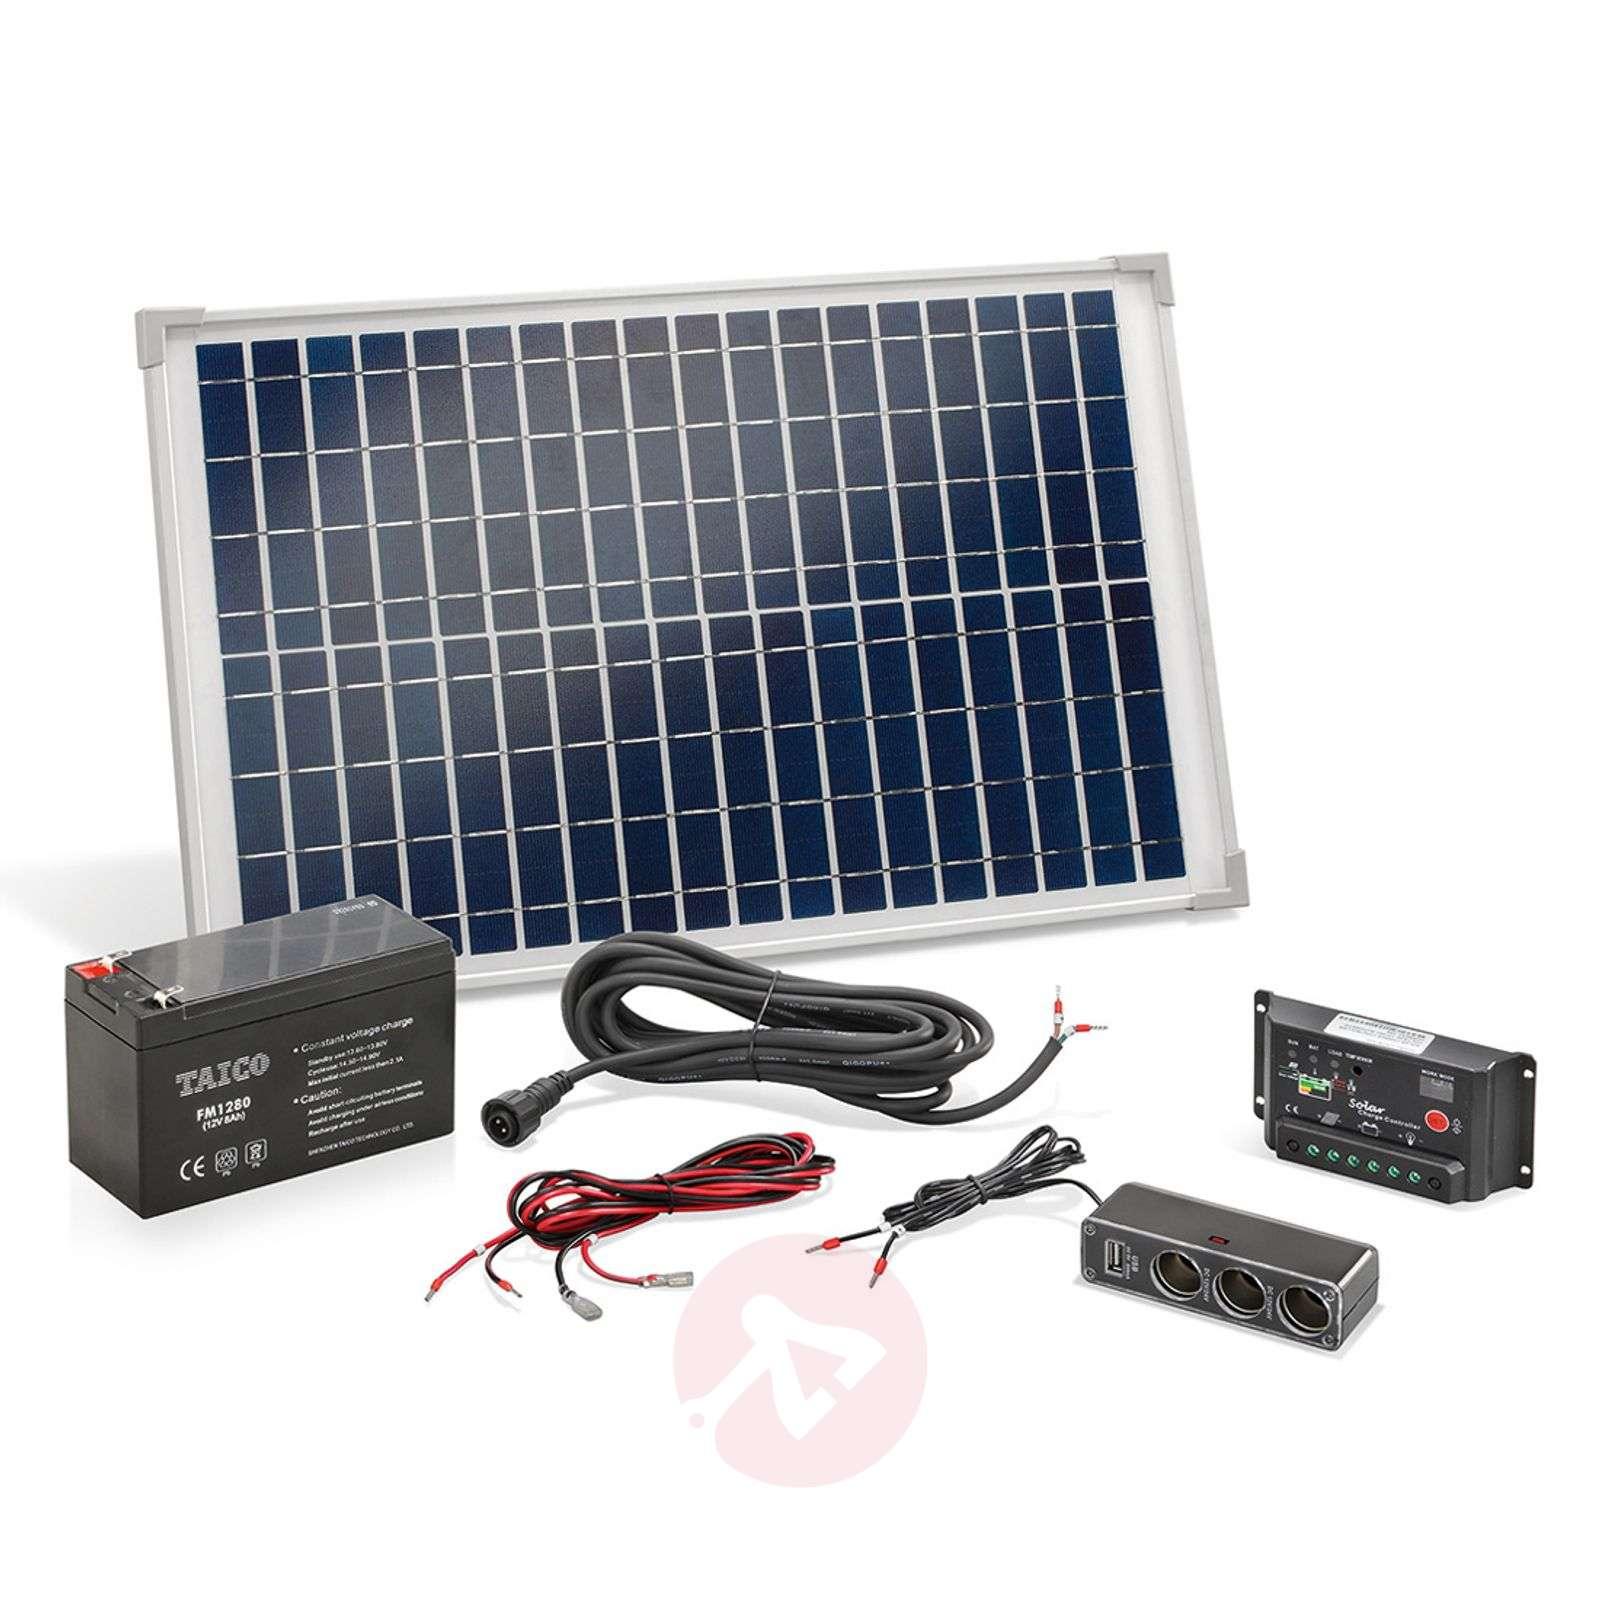 Kannettava aurinkoenergiajärjestelmä 20 W-3012531-01